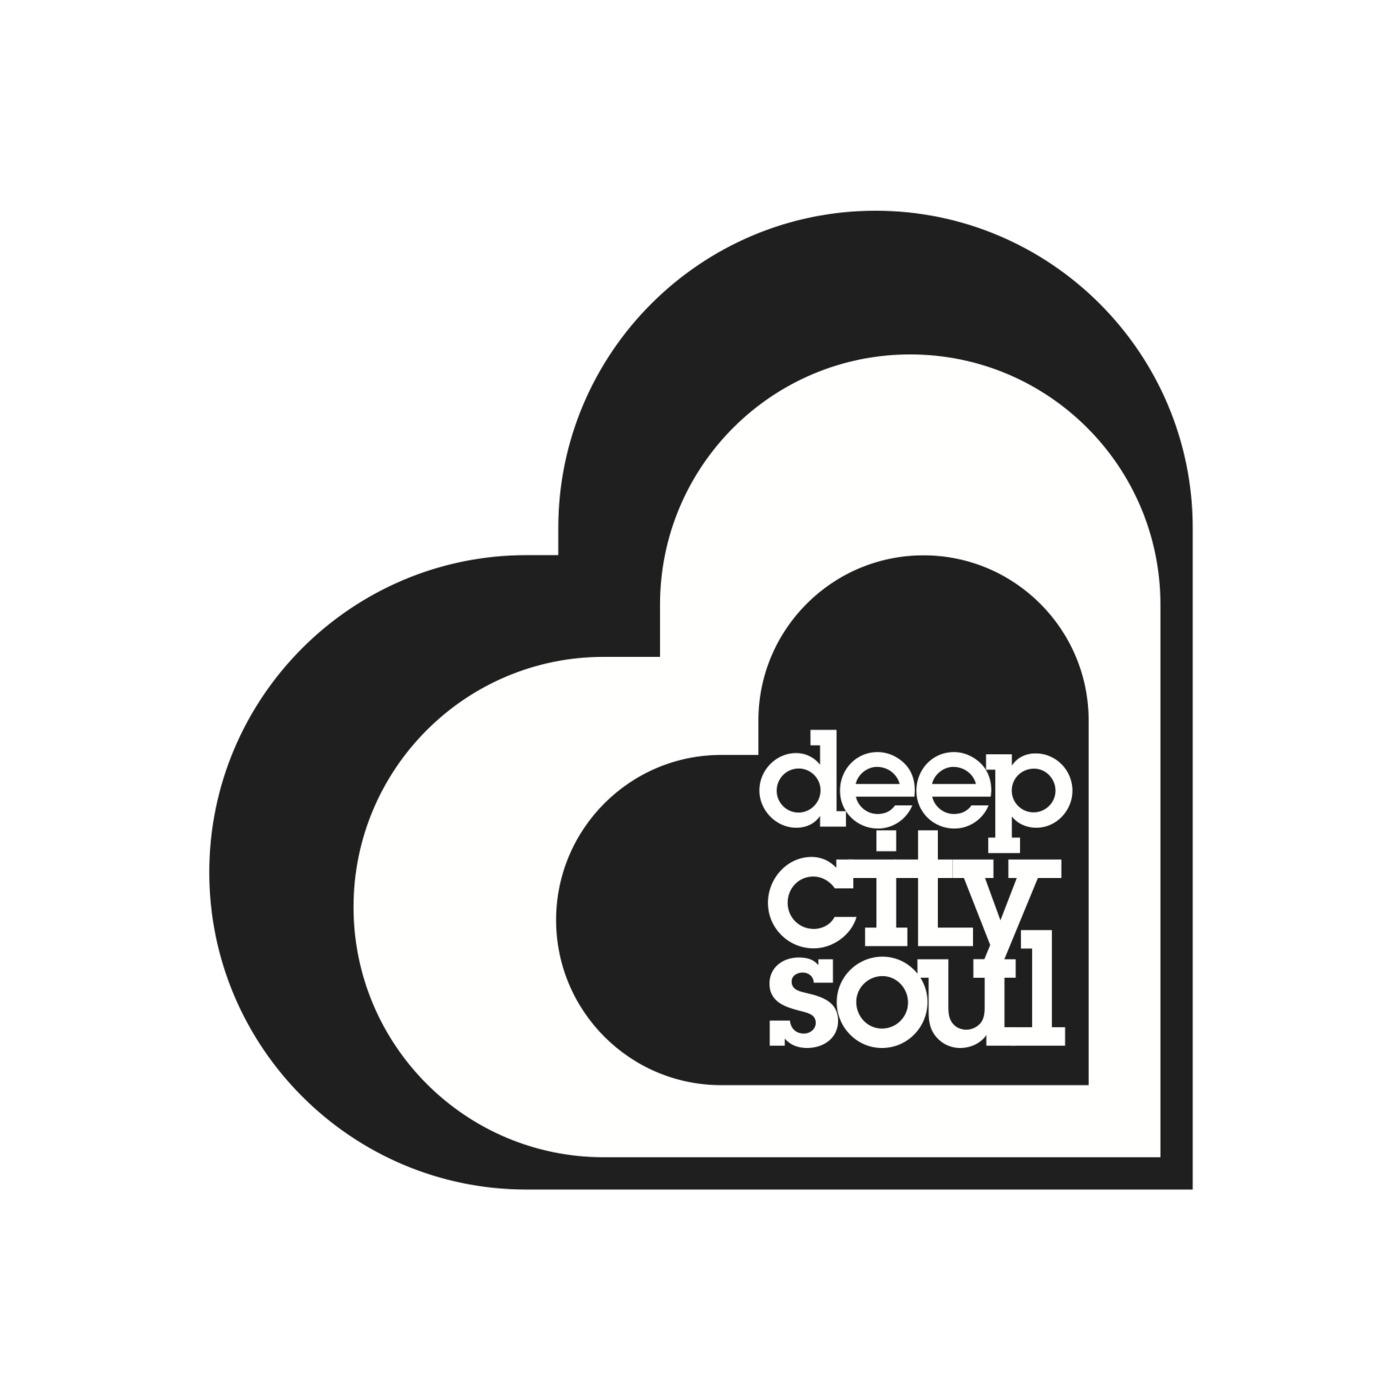 DeepCitySoul's House Is Home Mix December 2010 DEEPCITYSOUL